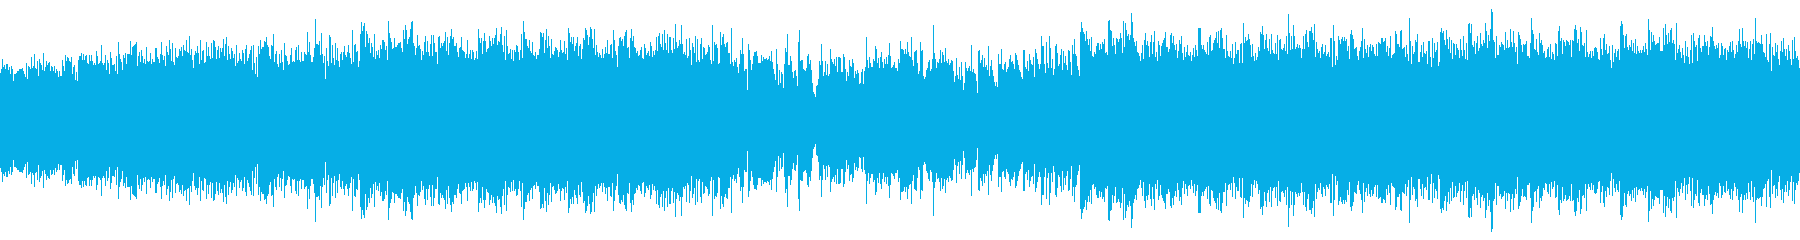 トロピカルで大人な夏のジャズ・ループの再生済みの波形